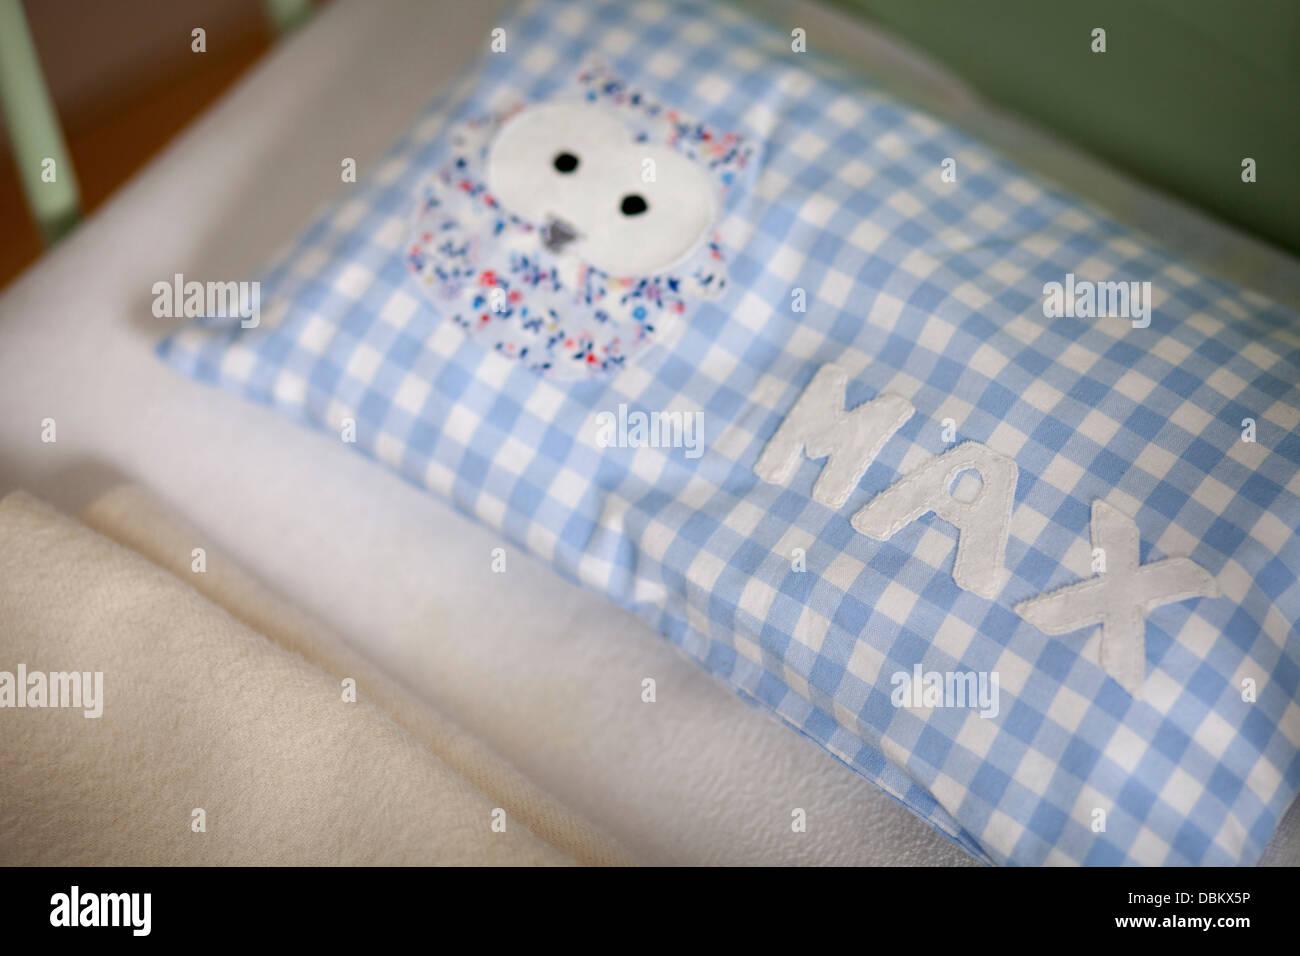 Kissen In Kinderbett, München, Bayern, Deutschland Stockbild